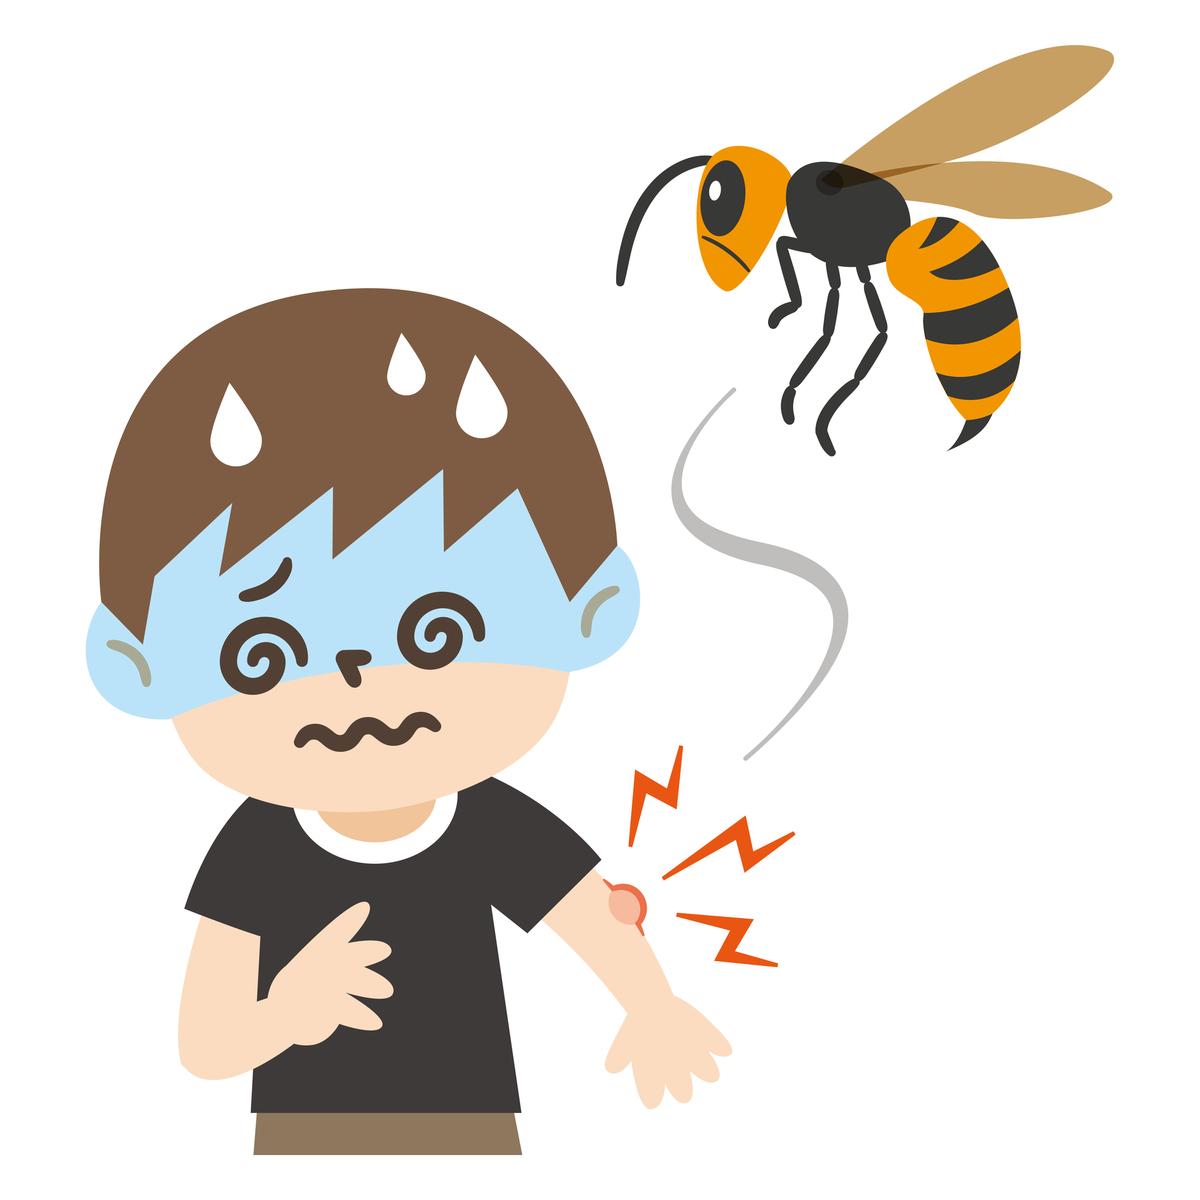 しこり 蜂に刺された跡